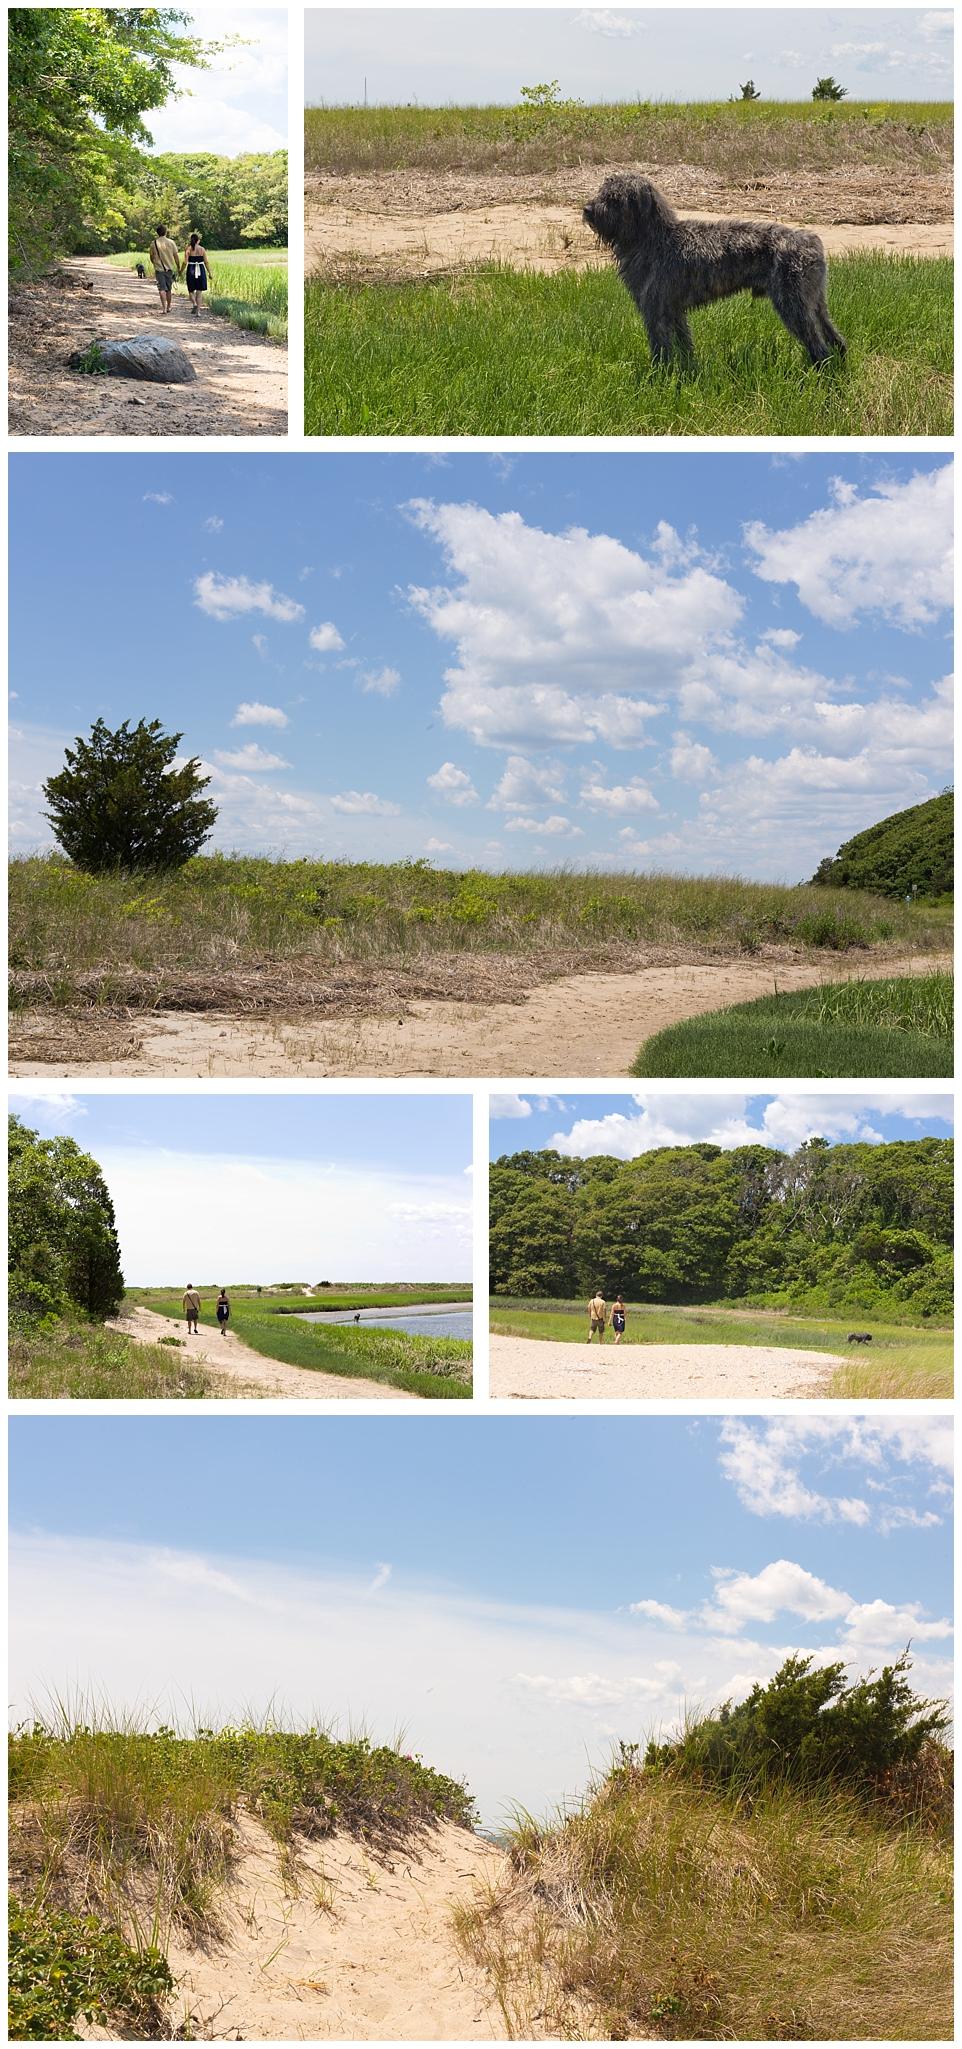 Cape Cod coastal landscapes